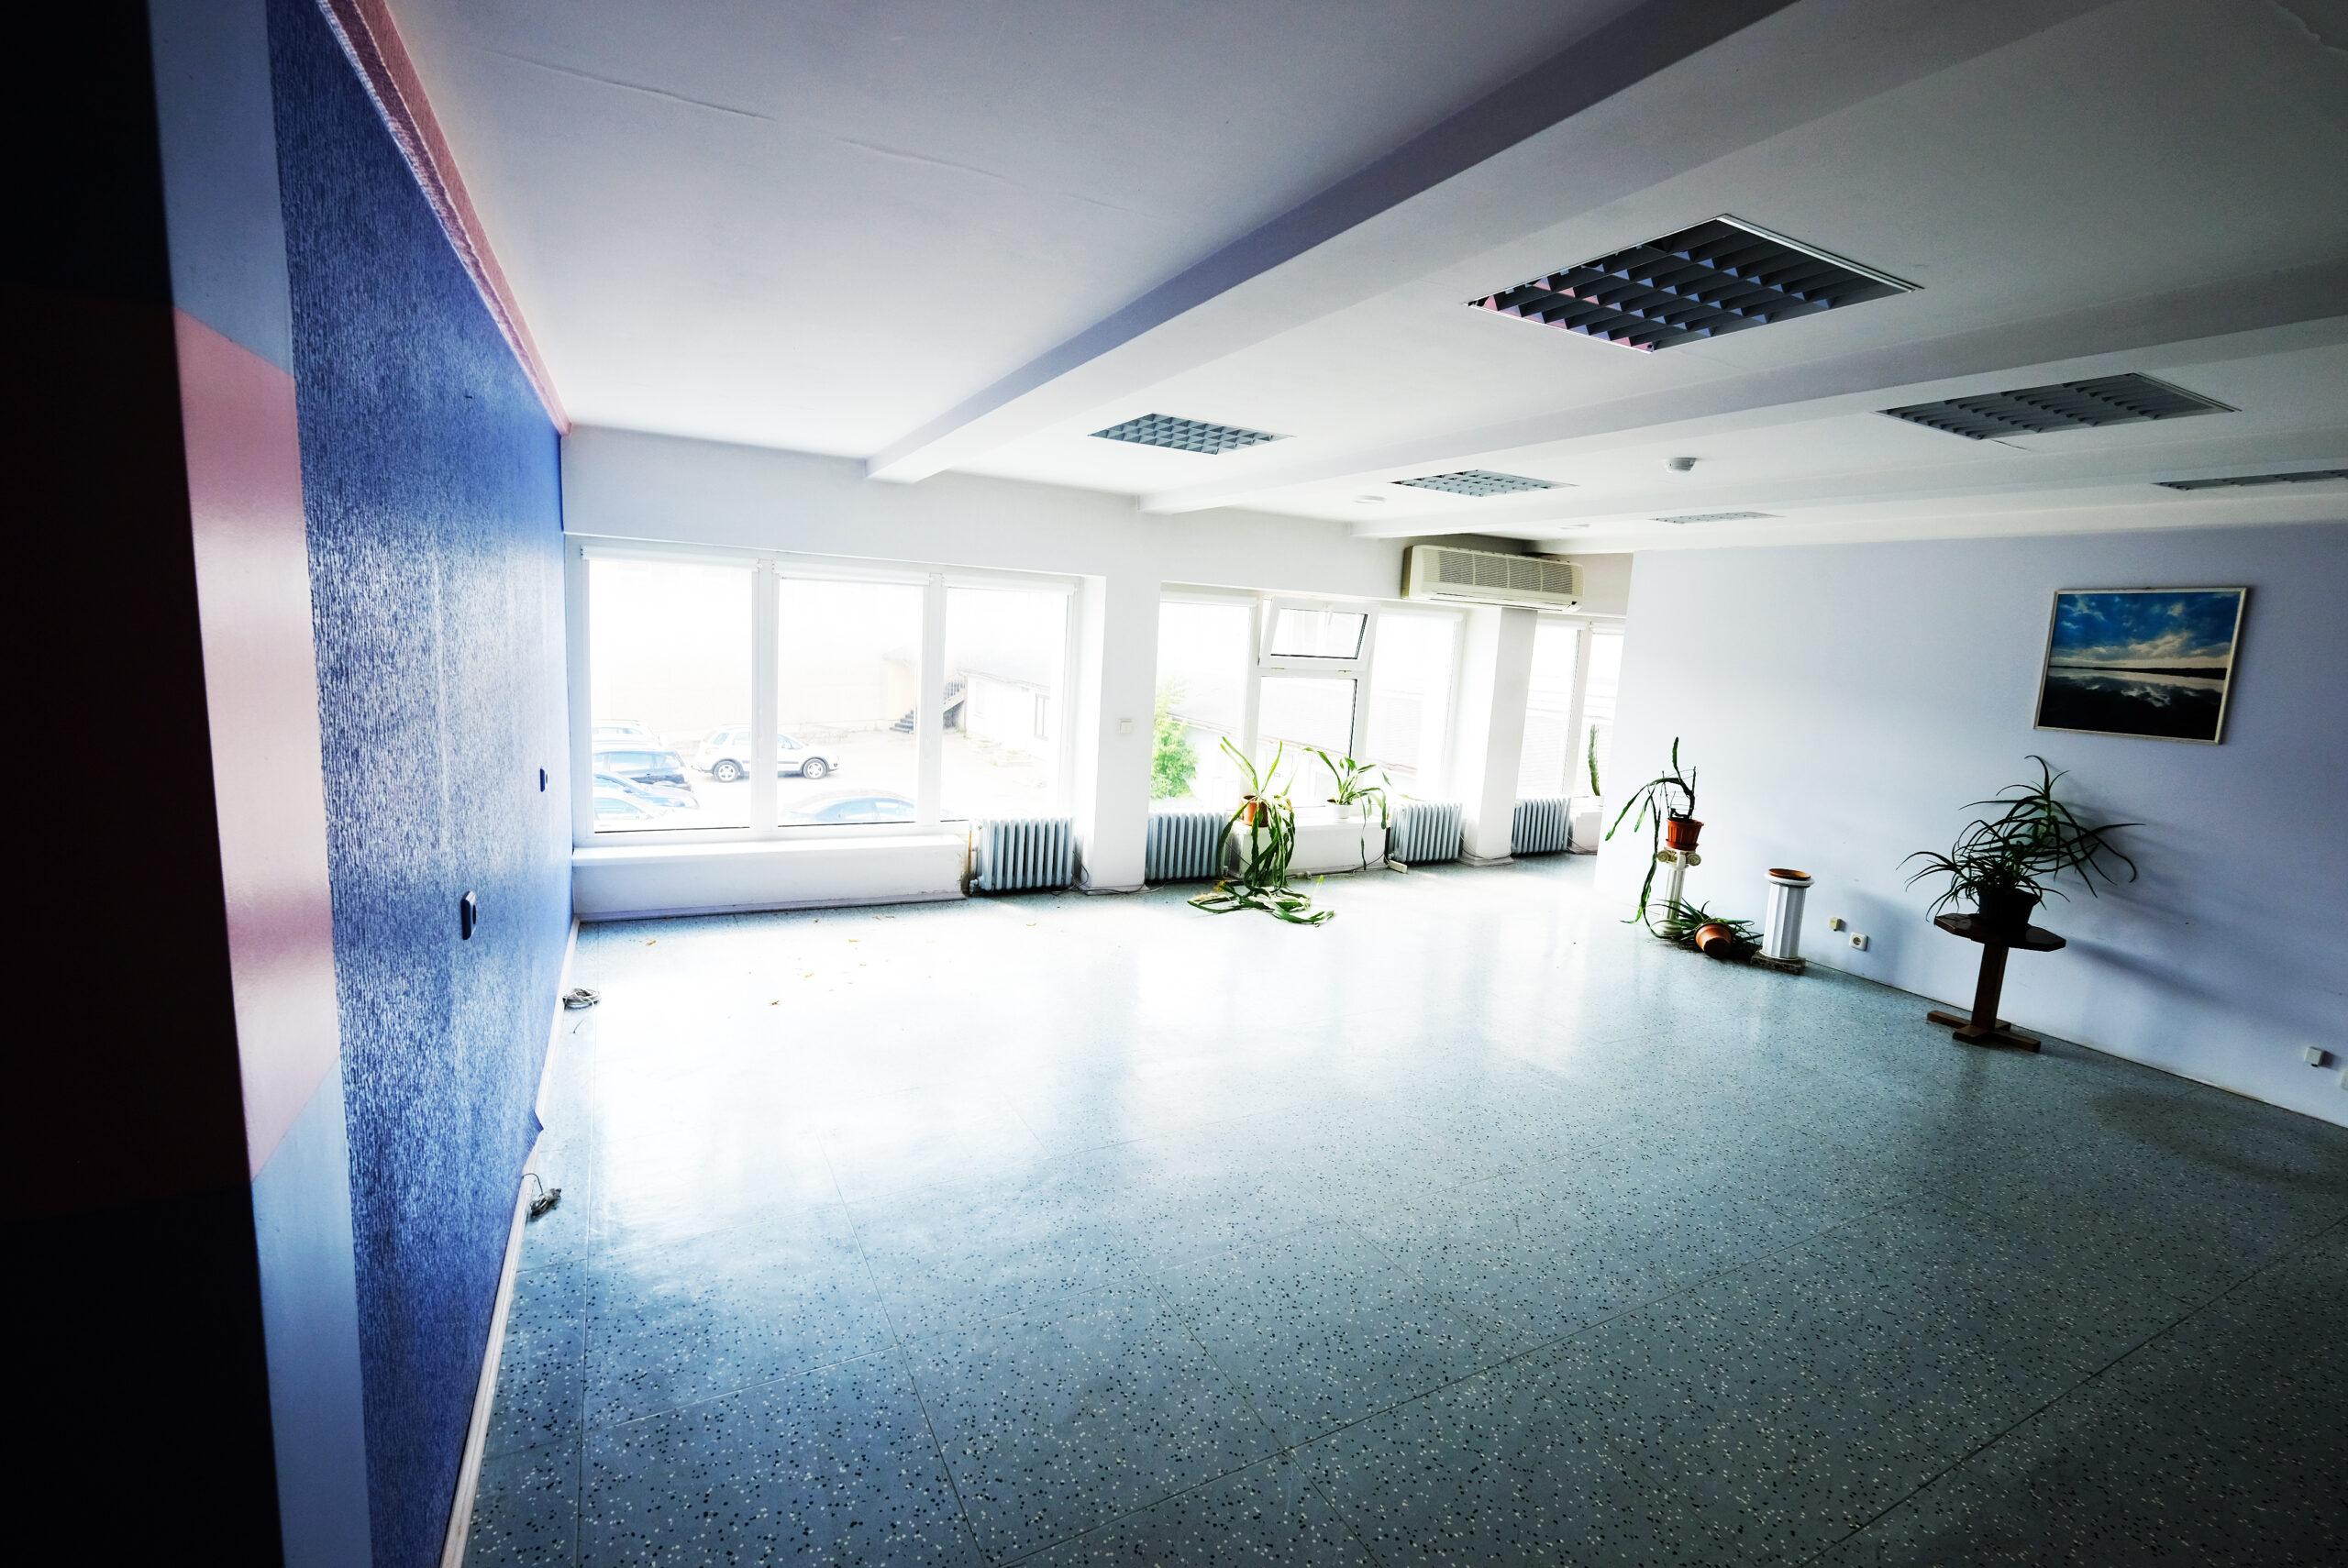 Nuomojamos patalpos komercijai, prekybai, biurui.